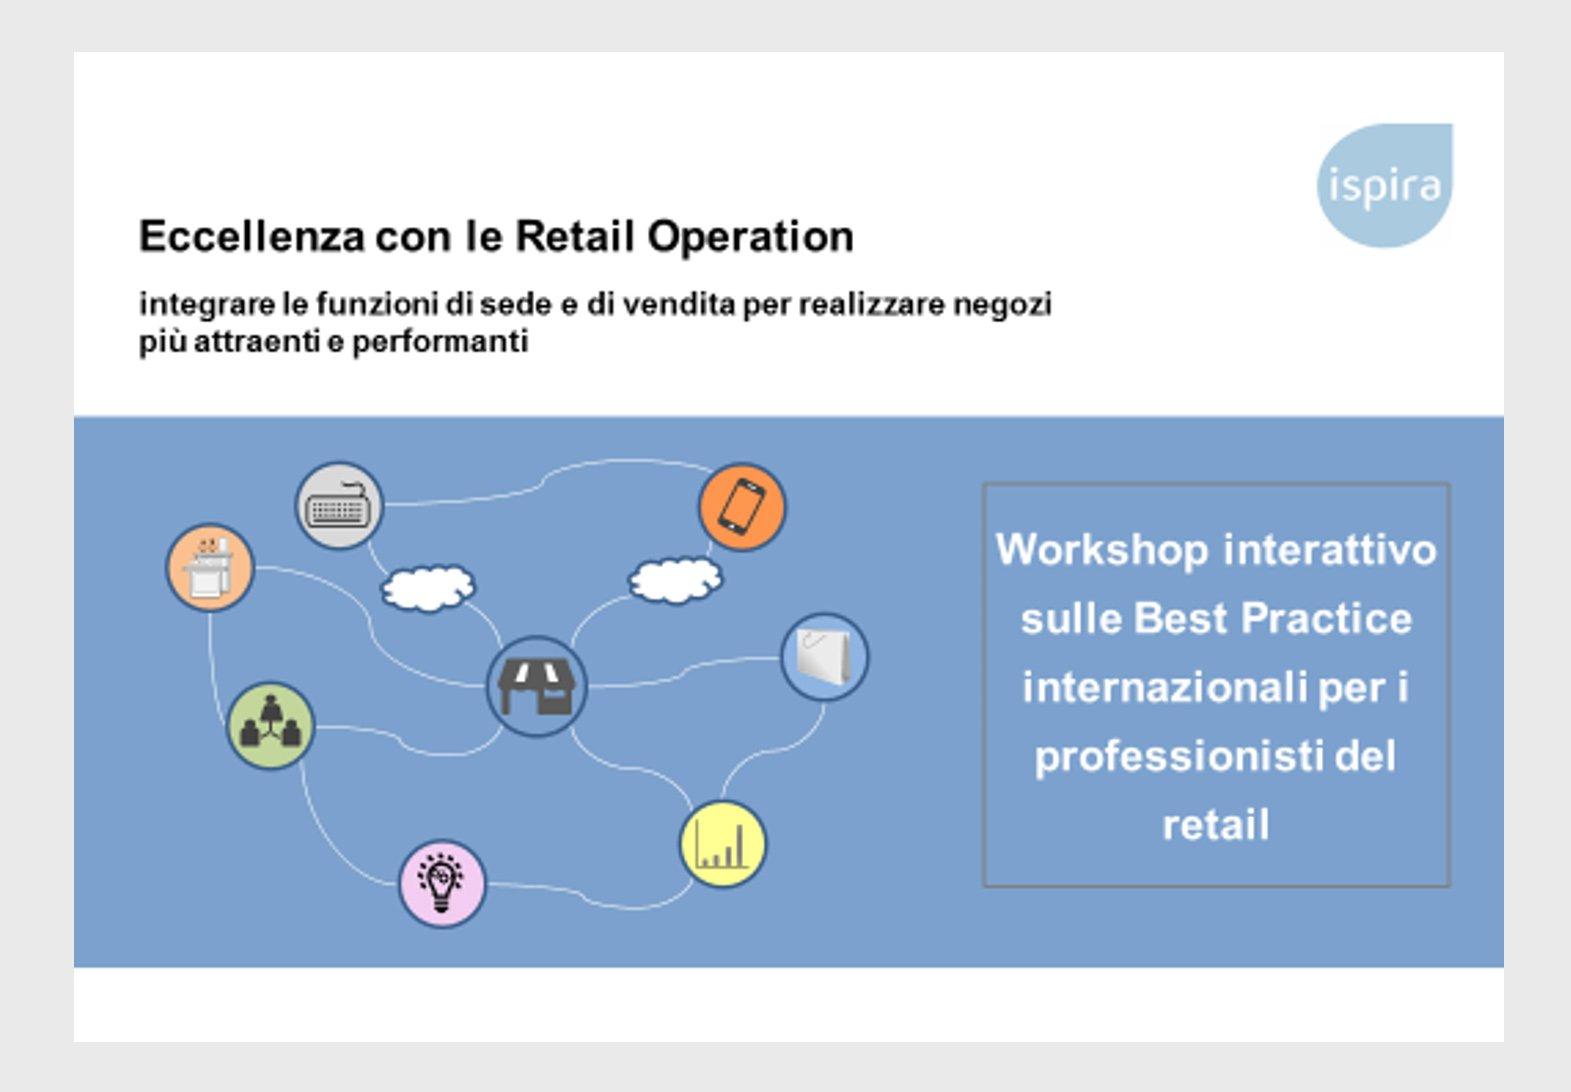 Eccellenza con le Retail Operation - Ispira Ltd